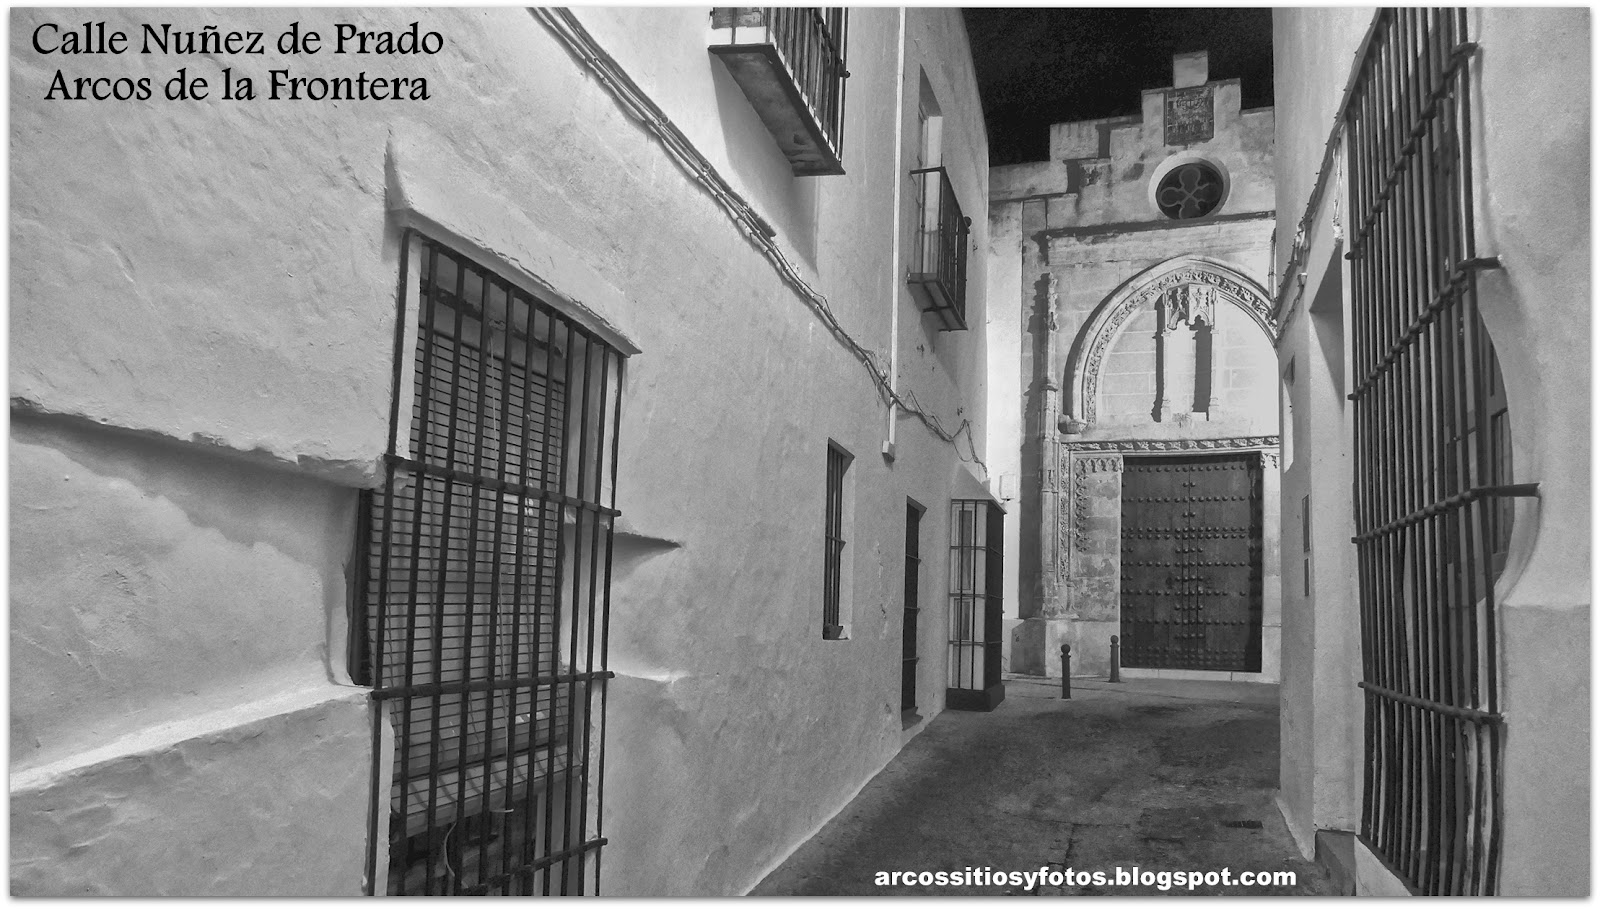 Arcos sitios y fotos calles for Calle prado panetes 10 guadalix de la sierra